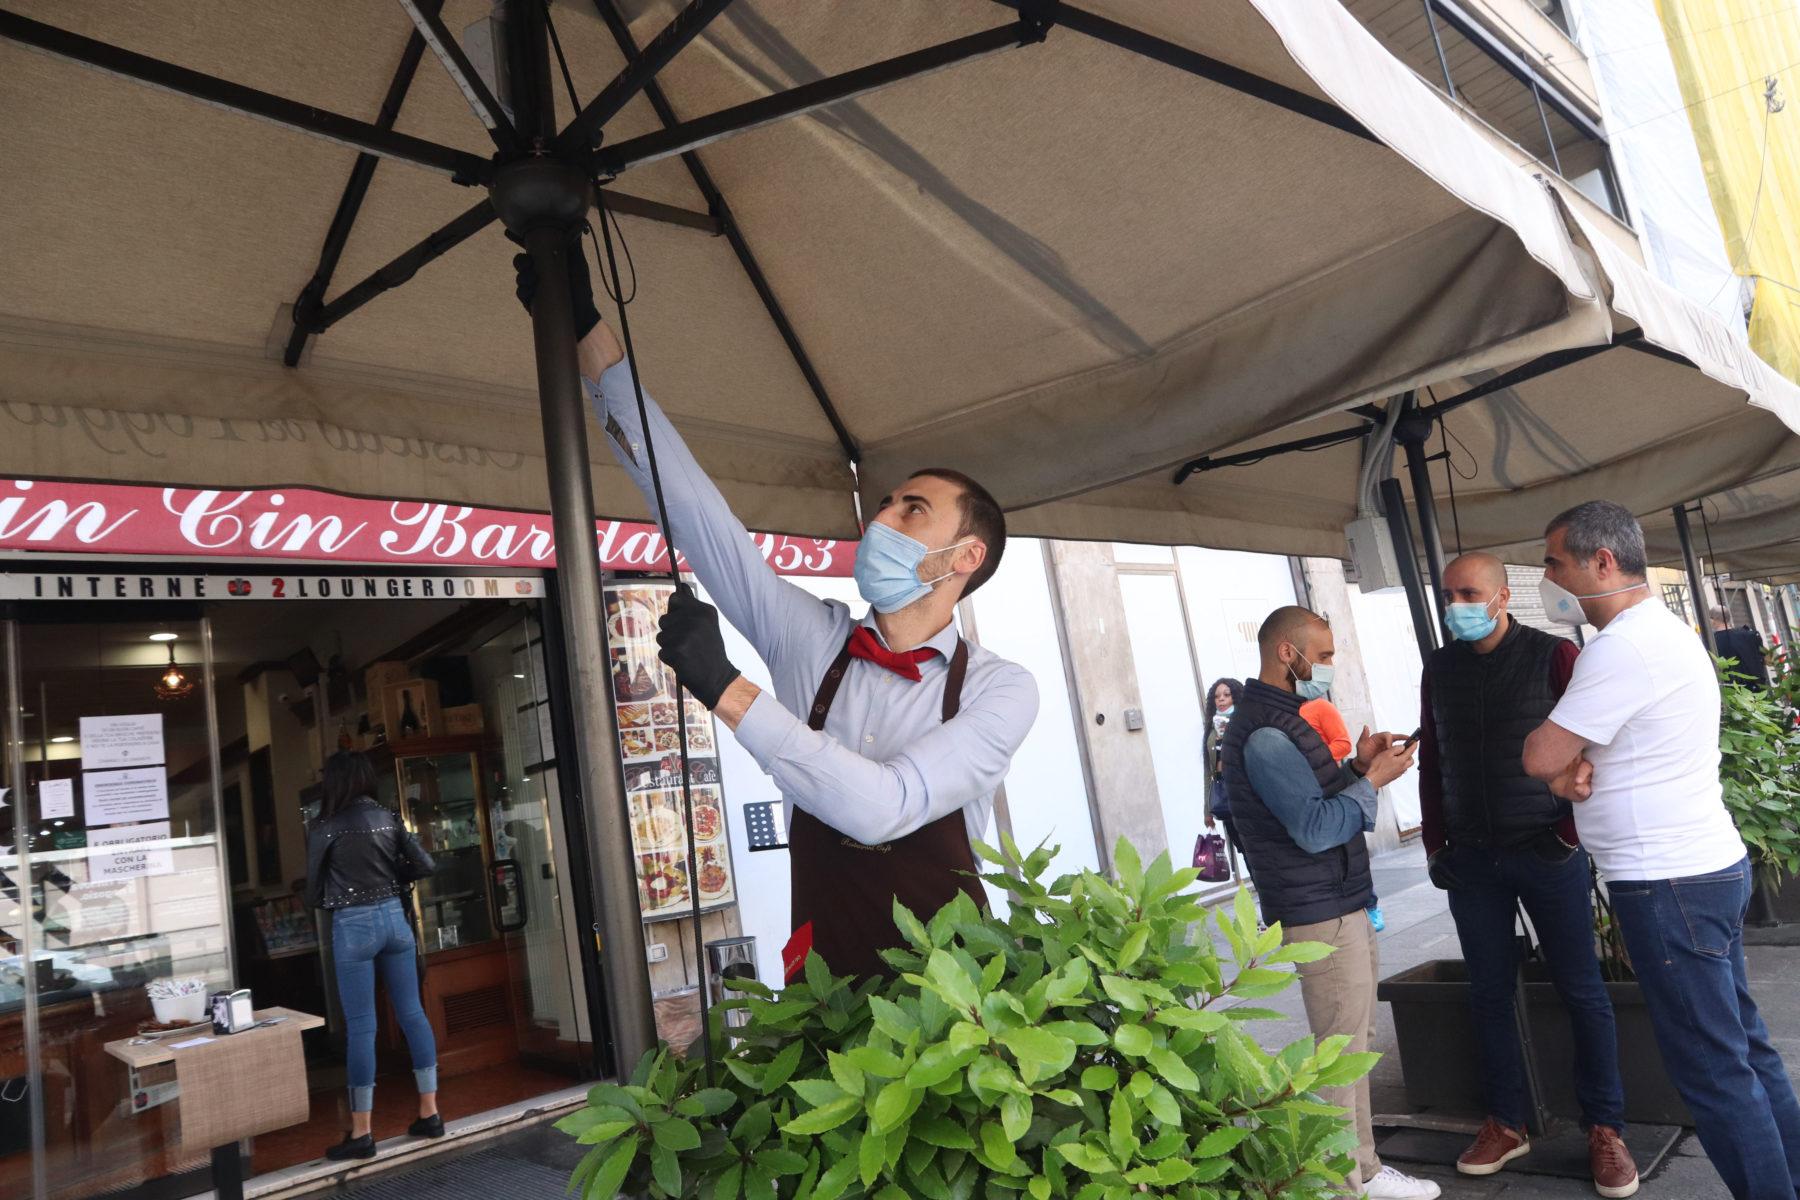 Milano riaperture dal 18 maggio